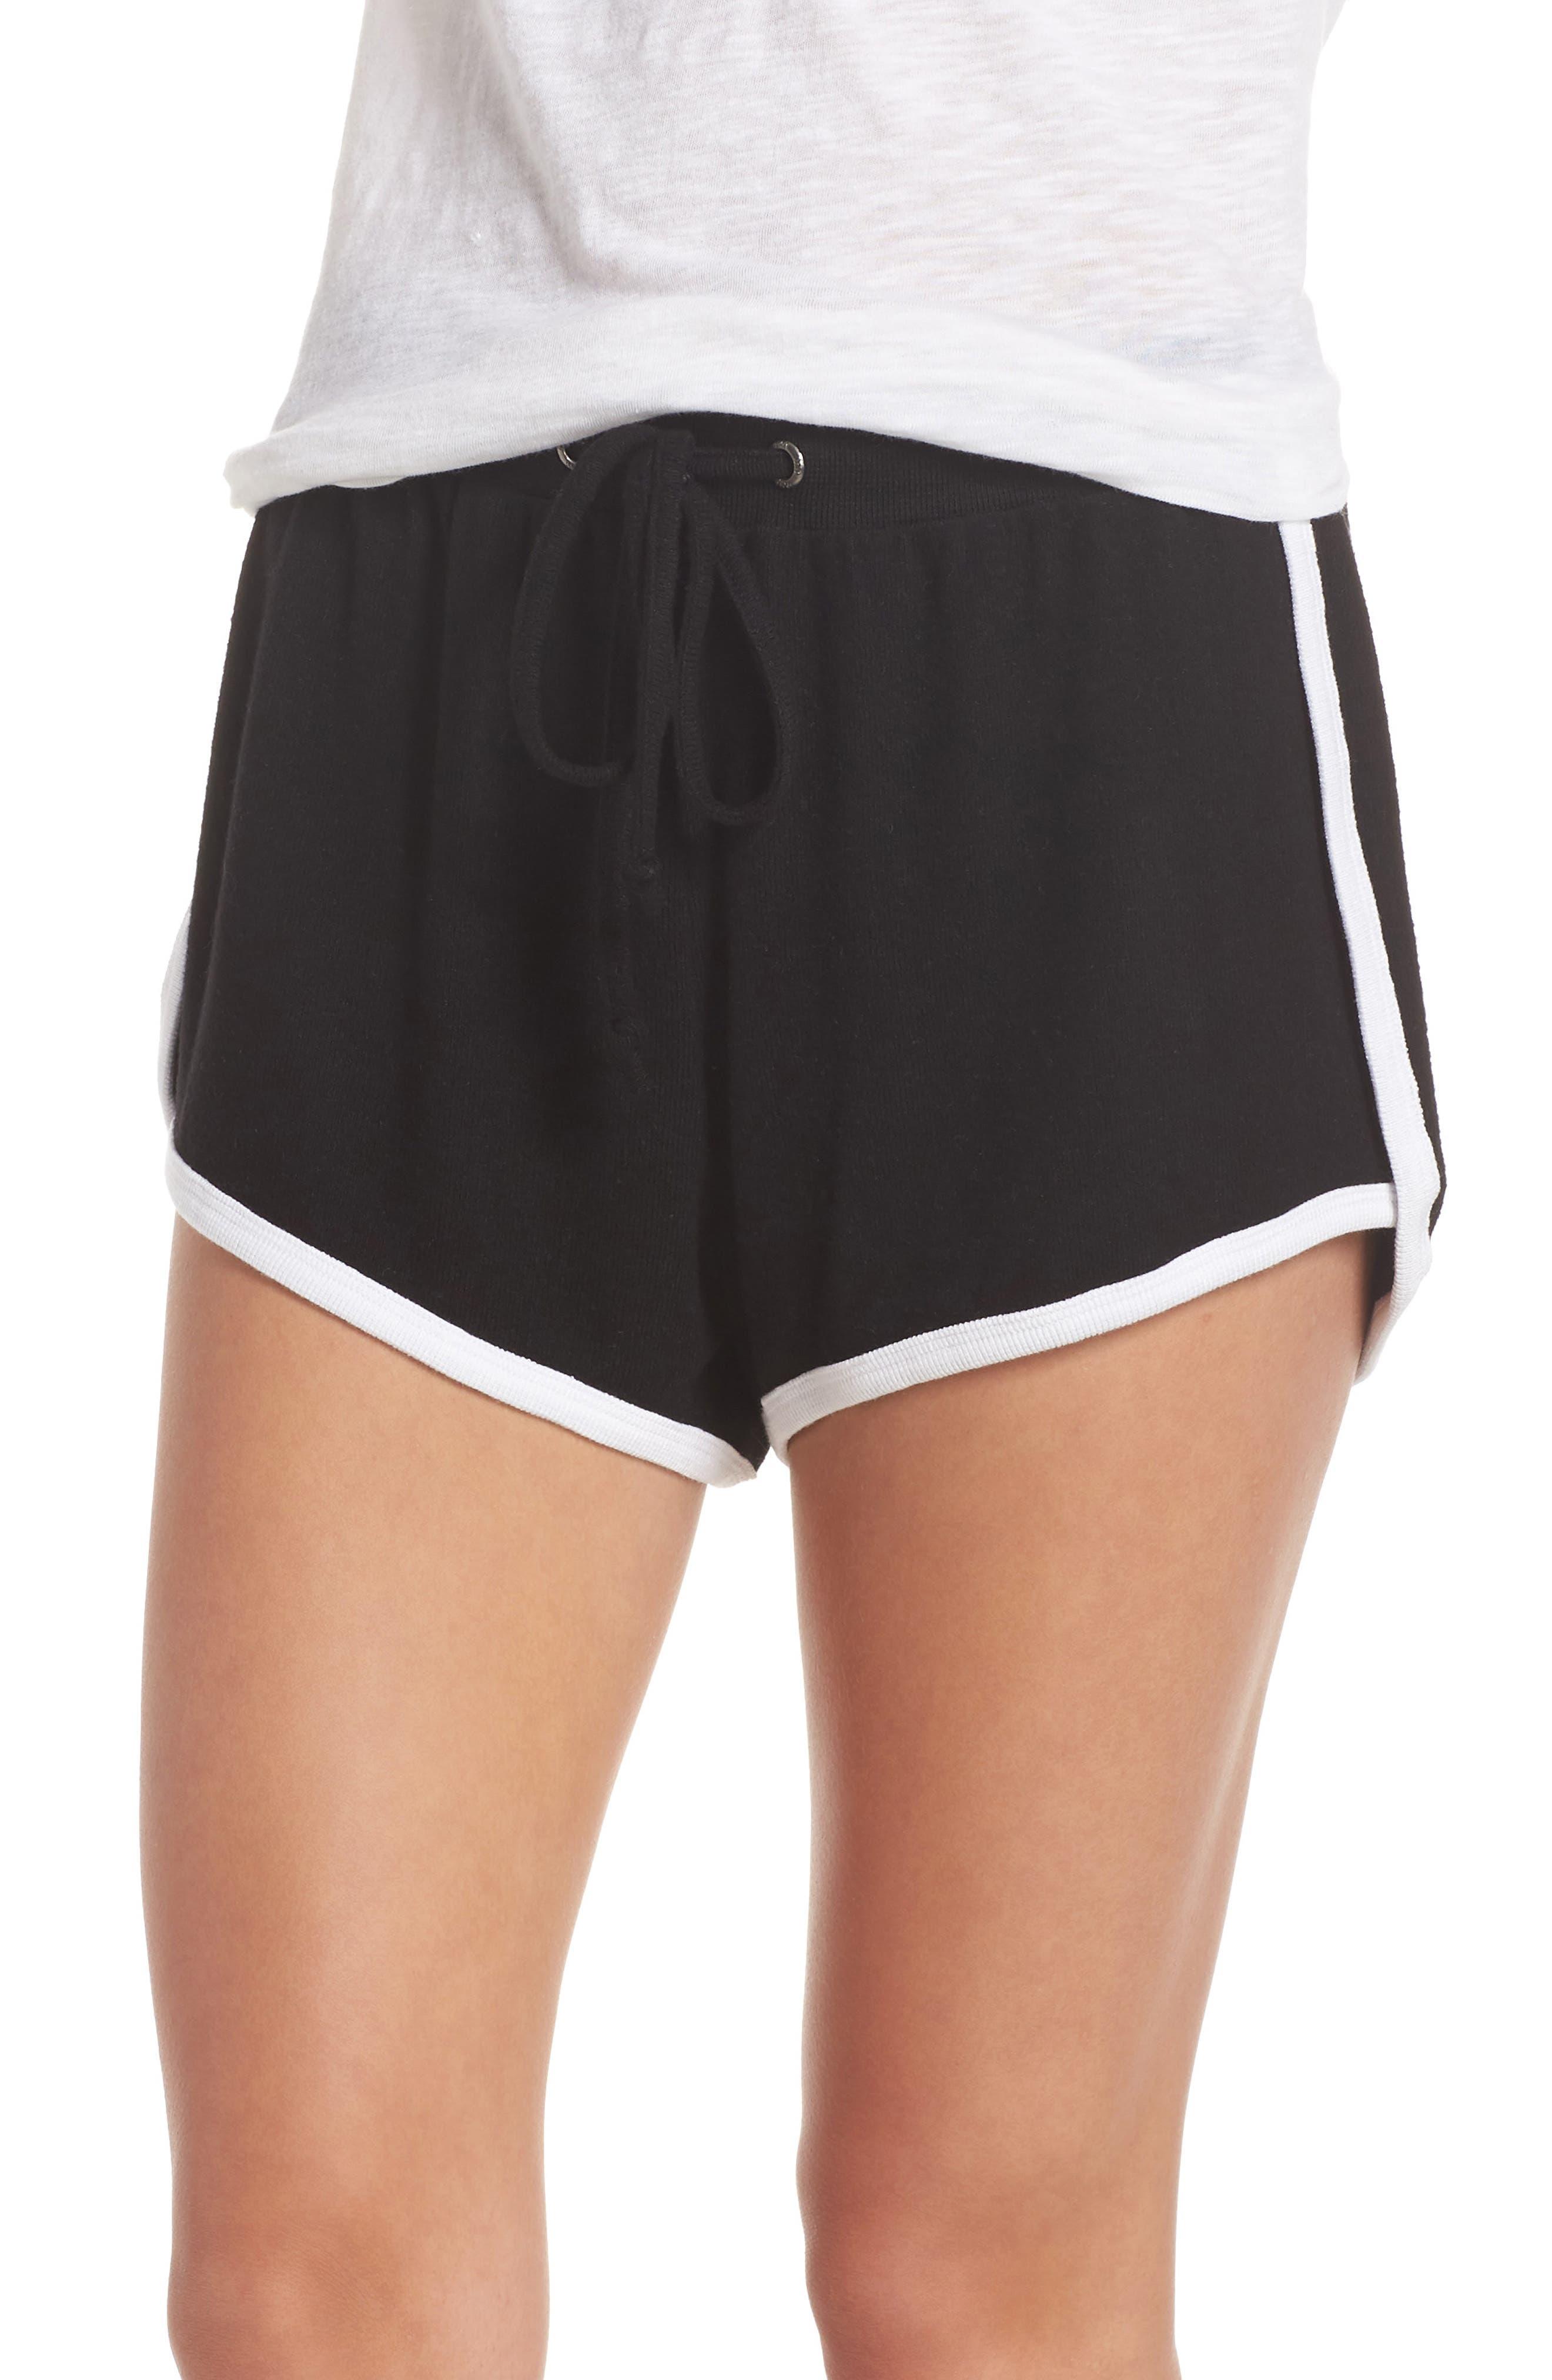 Too Cool Shorts,                             Main thumbnail 1, color,                             001